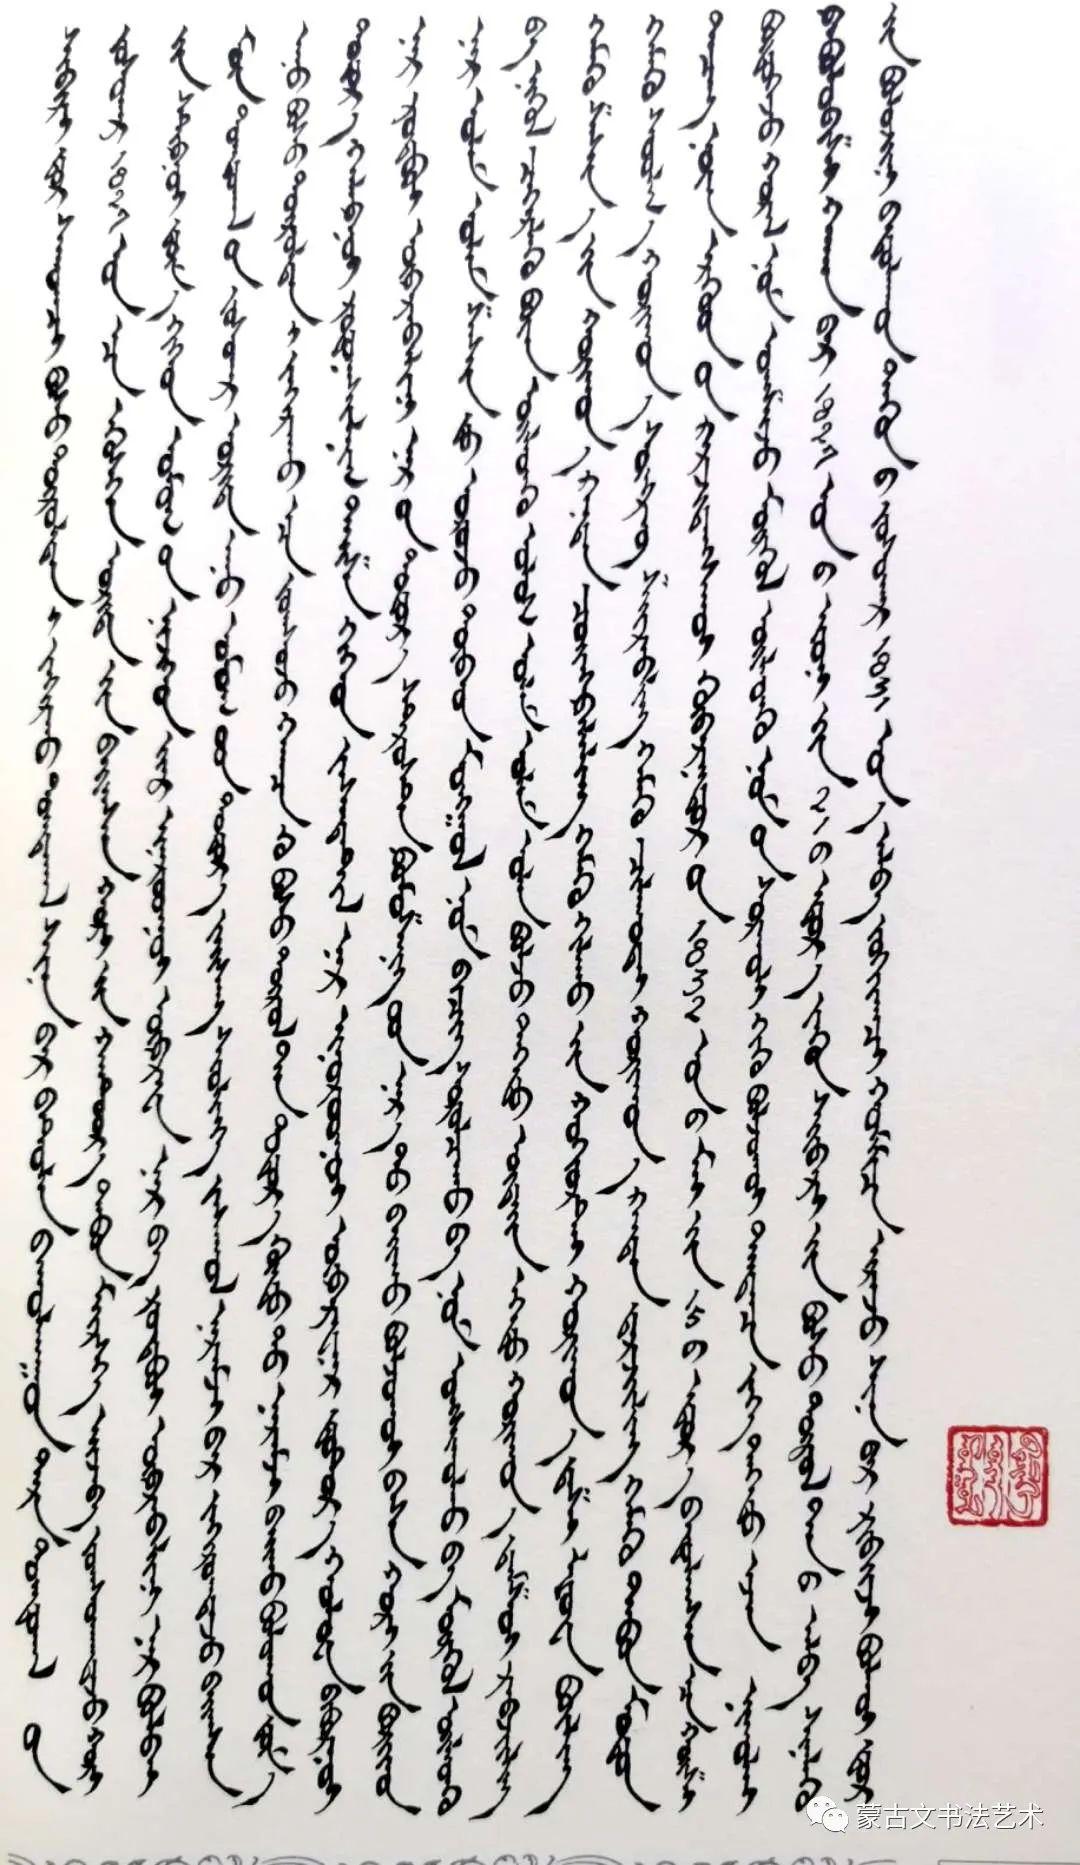 蒙古文经典文献当代书法名家手抄本之斯仁巴图《布里亚特史》 第7张